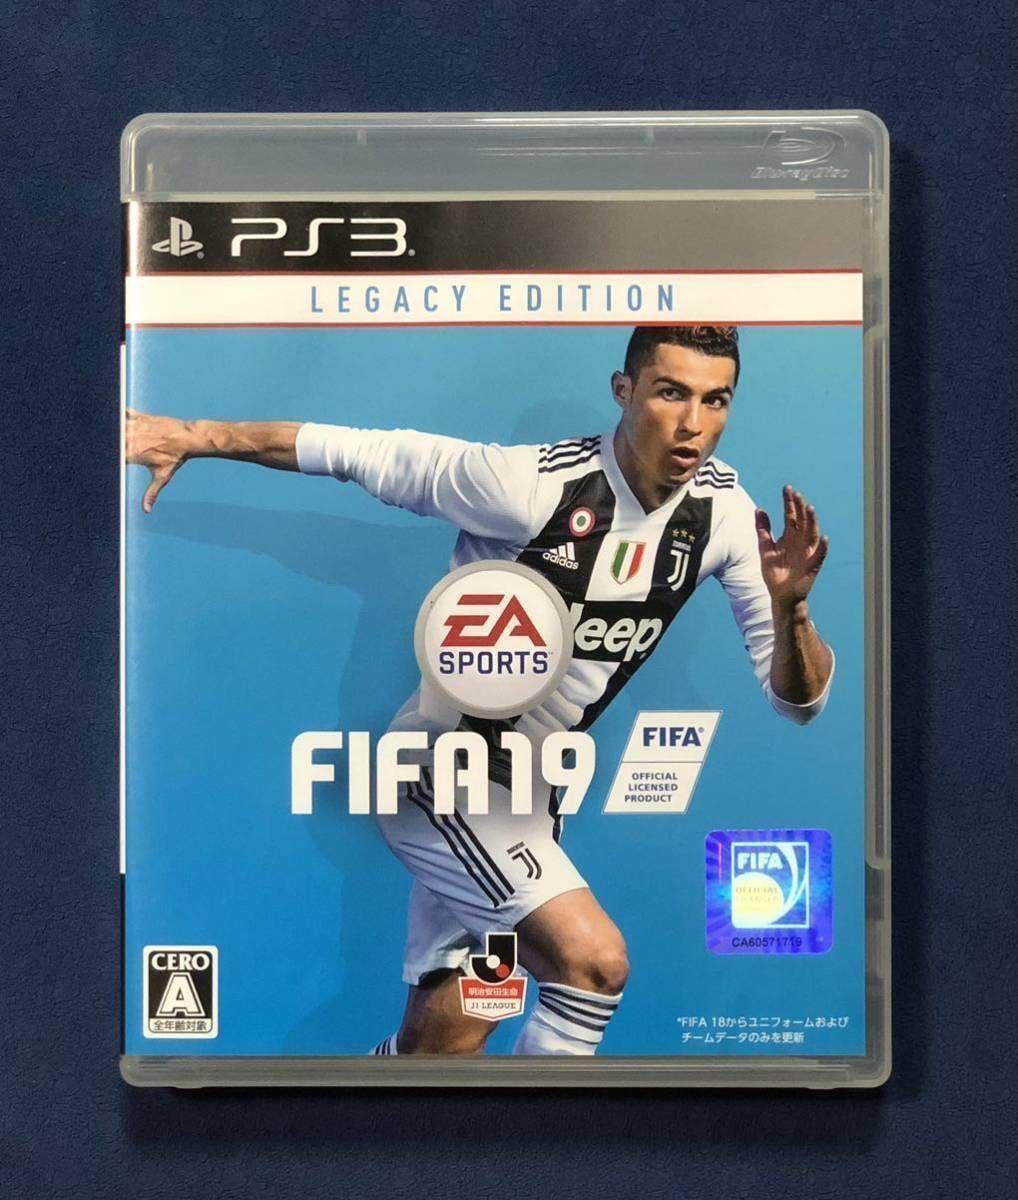 【動作確認画像有り】 PS3 FIFA19 LEGACY EDITION FIFA プレイステーション3 プレステ3 ゲームソフト カセット EA SPORTS サッカー